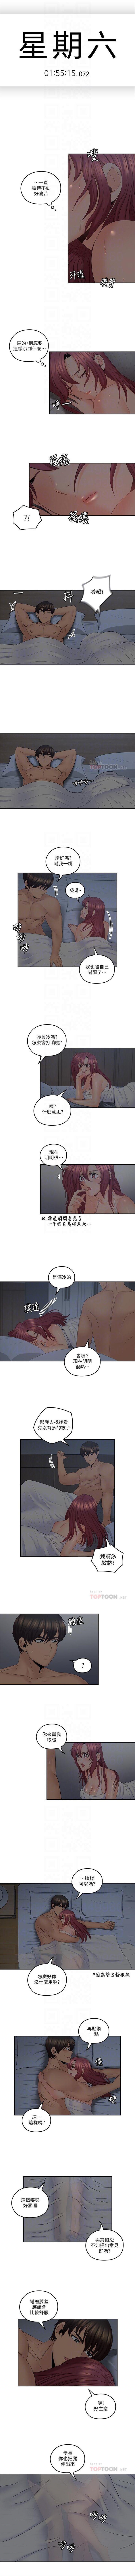 (週4)親愛的大叔 1-39 中文翻譯(更新中) 194